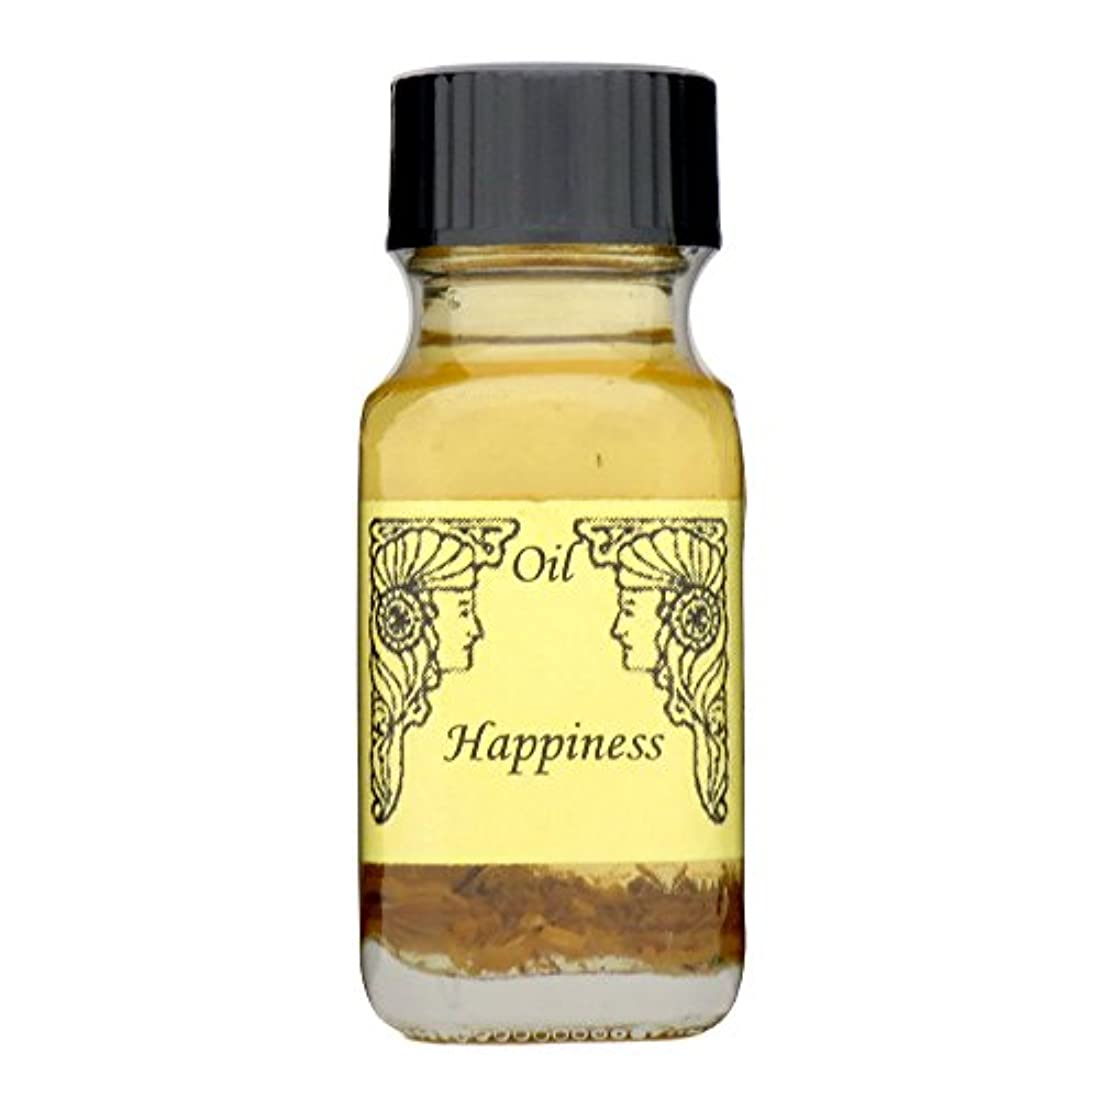 何よりも戦艦無臭アンシェントメモリーオイル ハピネス (幸福) 15ml (Ancient Memory Oils)